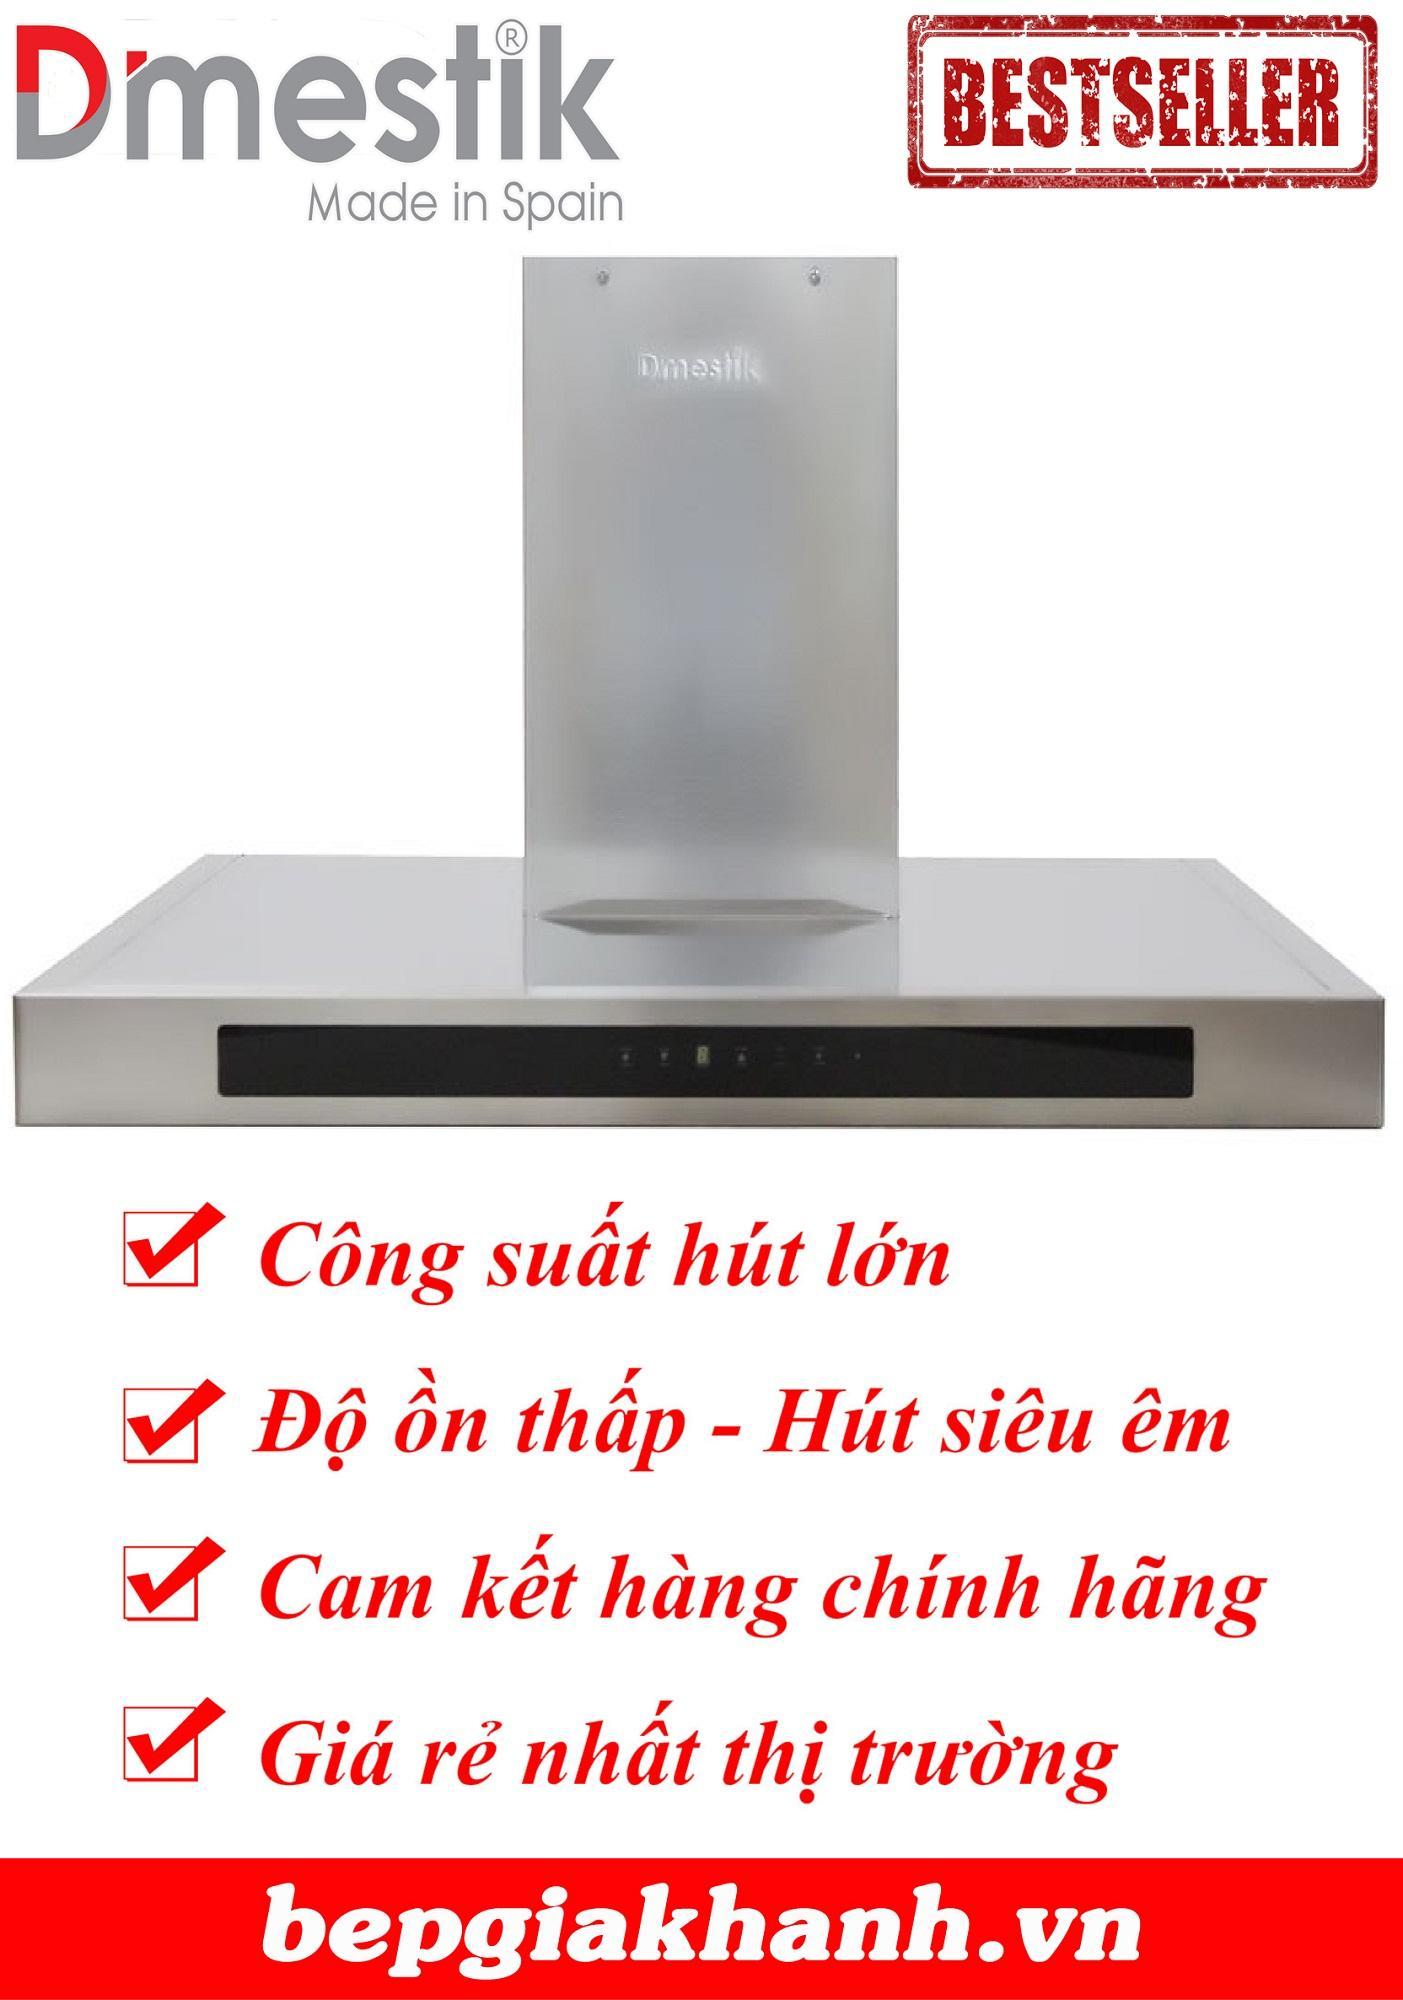 Máy hút khói khử mùi dạng phẳng 70cm Dmestik LARA 70 LCD, máy hút mùi, máy hút khói, máy hút mùi nhà bếp